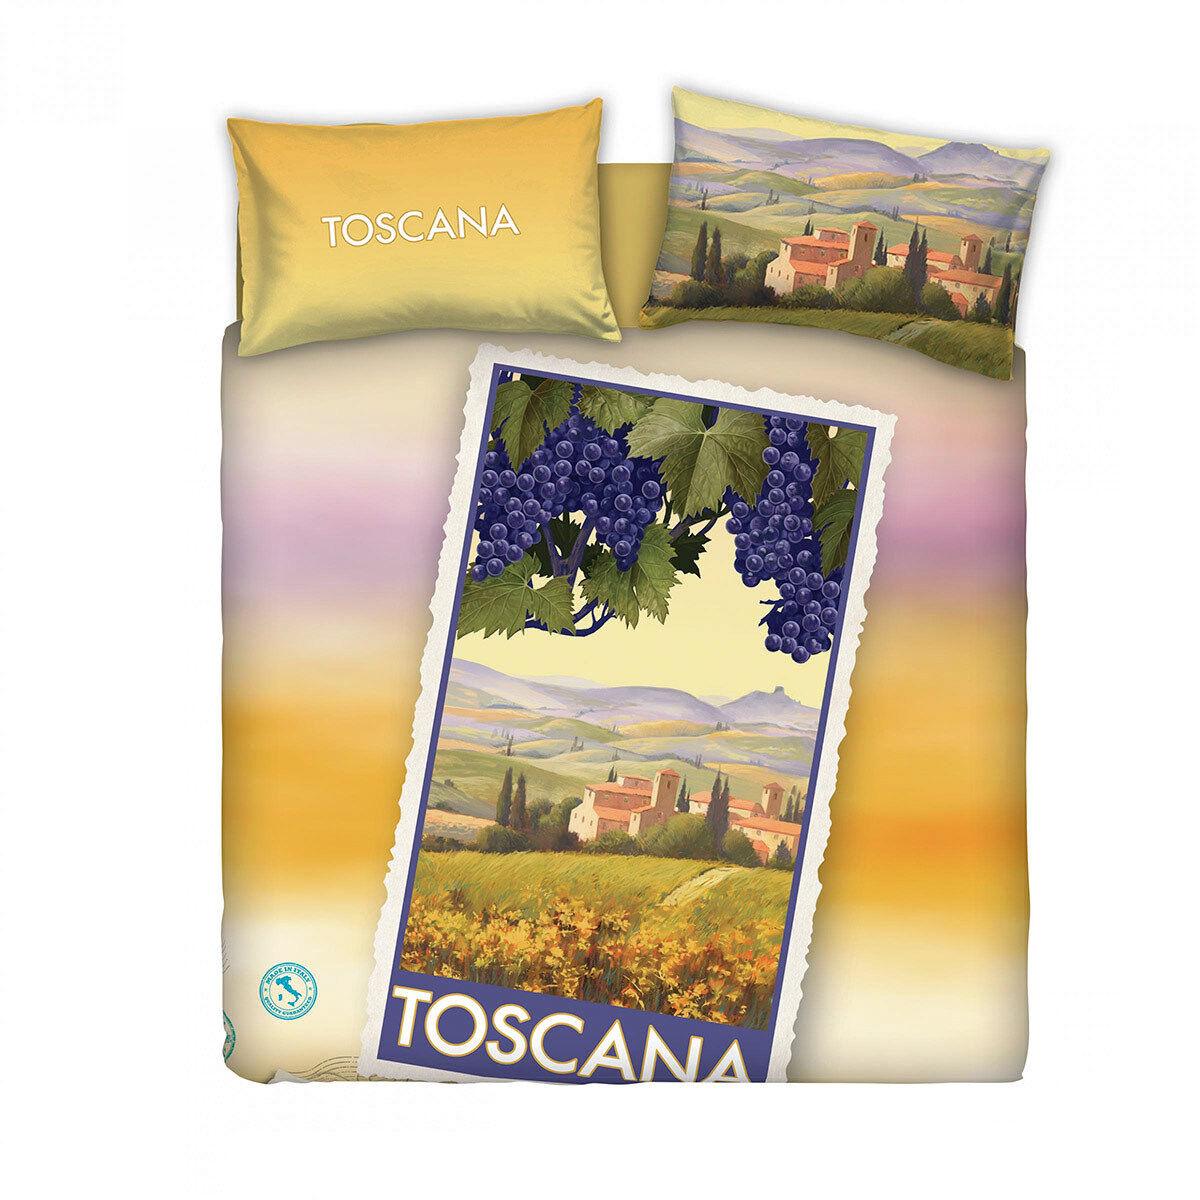 Set Bettbezug Tuscany Bassetti souvenir Hochzeits- R058 | Zuverlässige Leistung